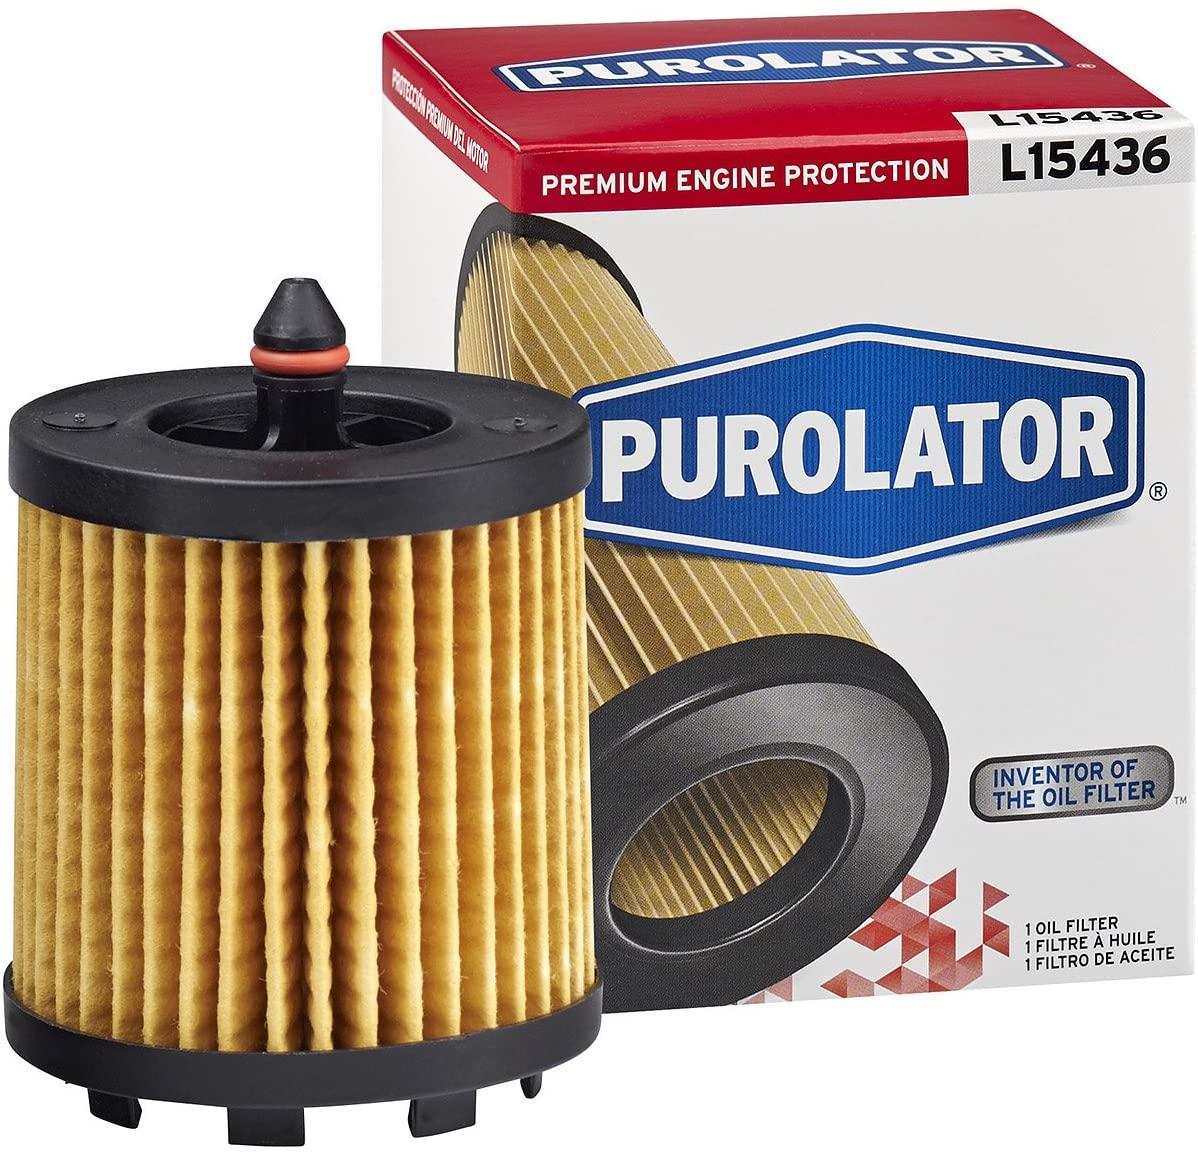 Purolator L15436 Premium Engine Protection Cartridge Oil Filter